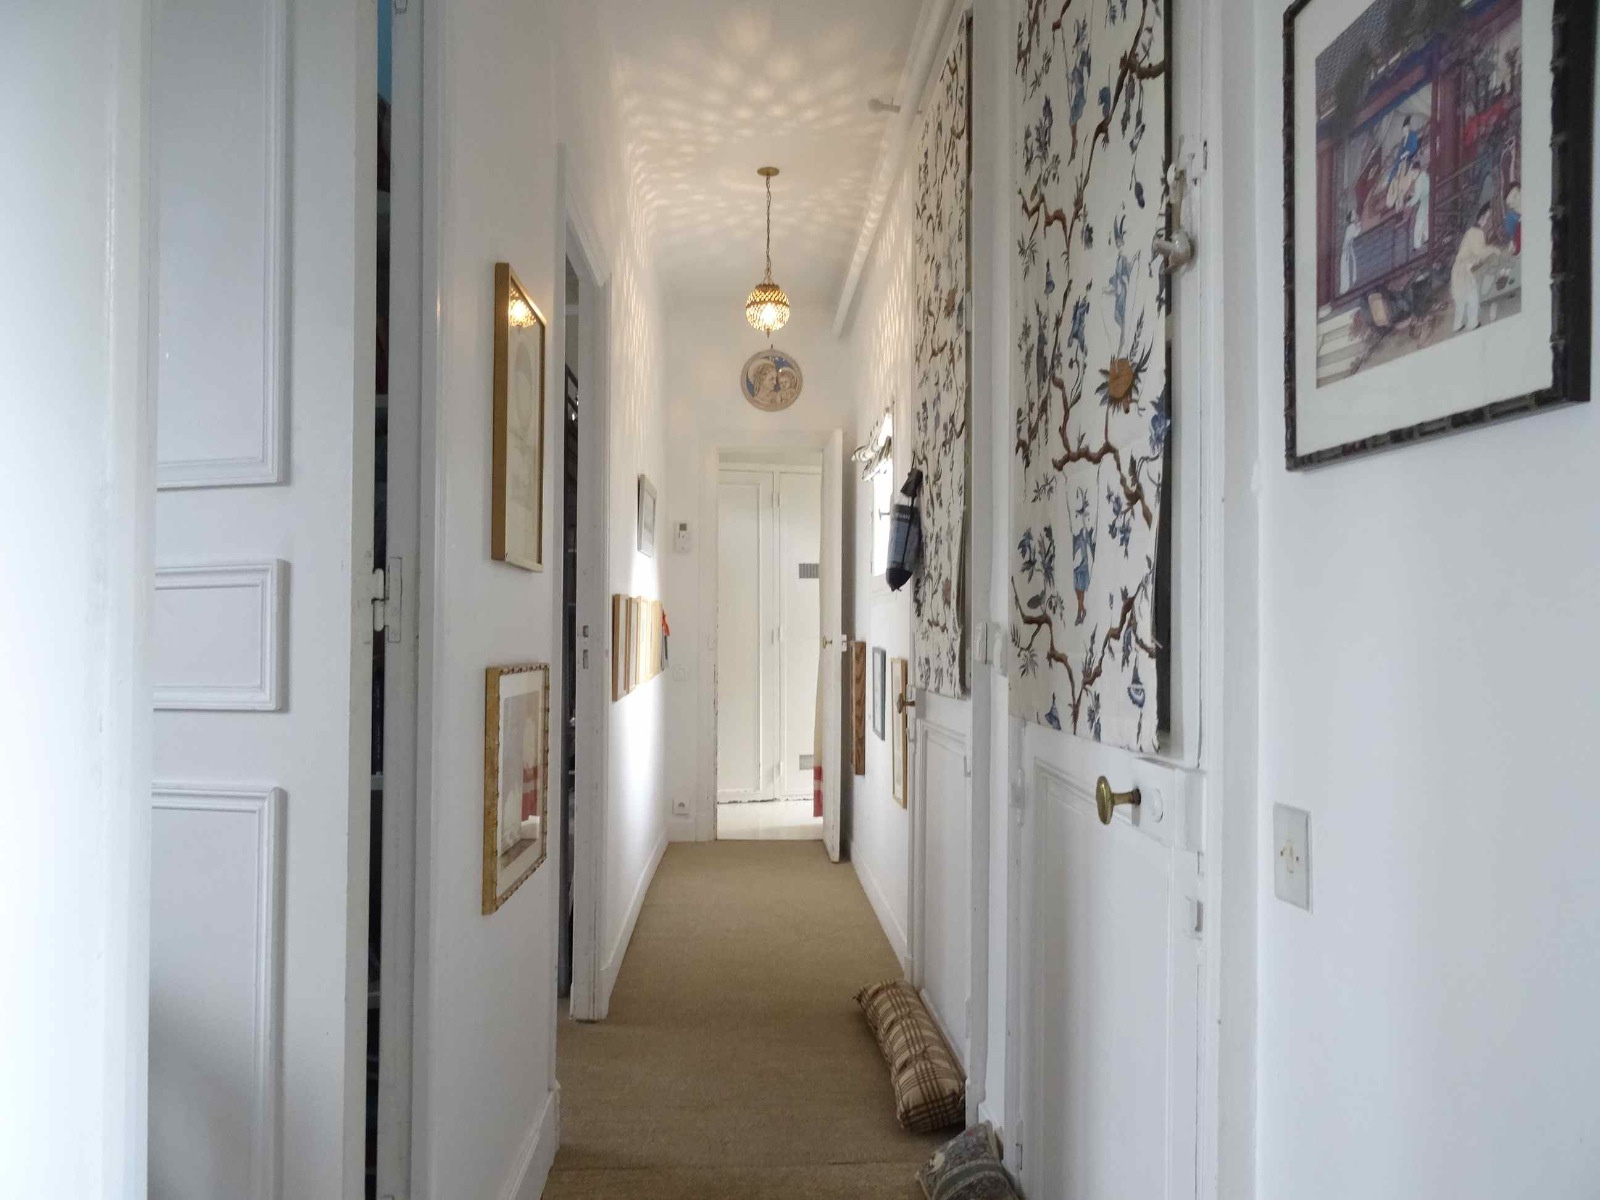 vente sous compromis de vente maison ancienne axe senlis. Black Bedroom Furniture Sets. Home Design Ideas